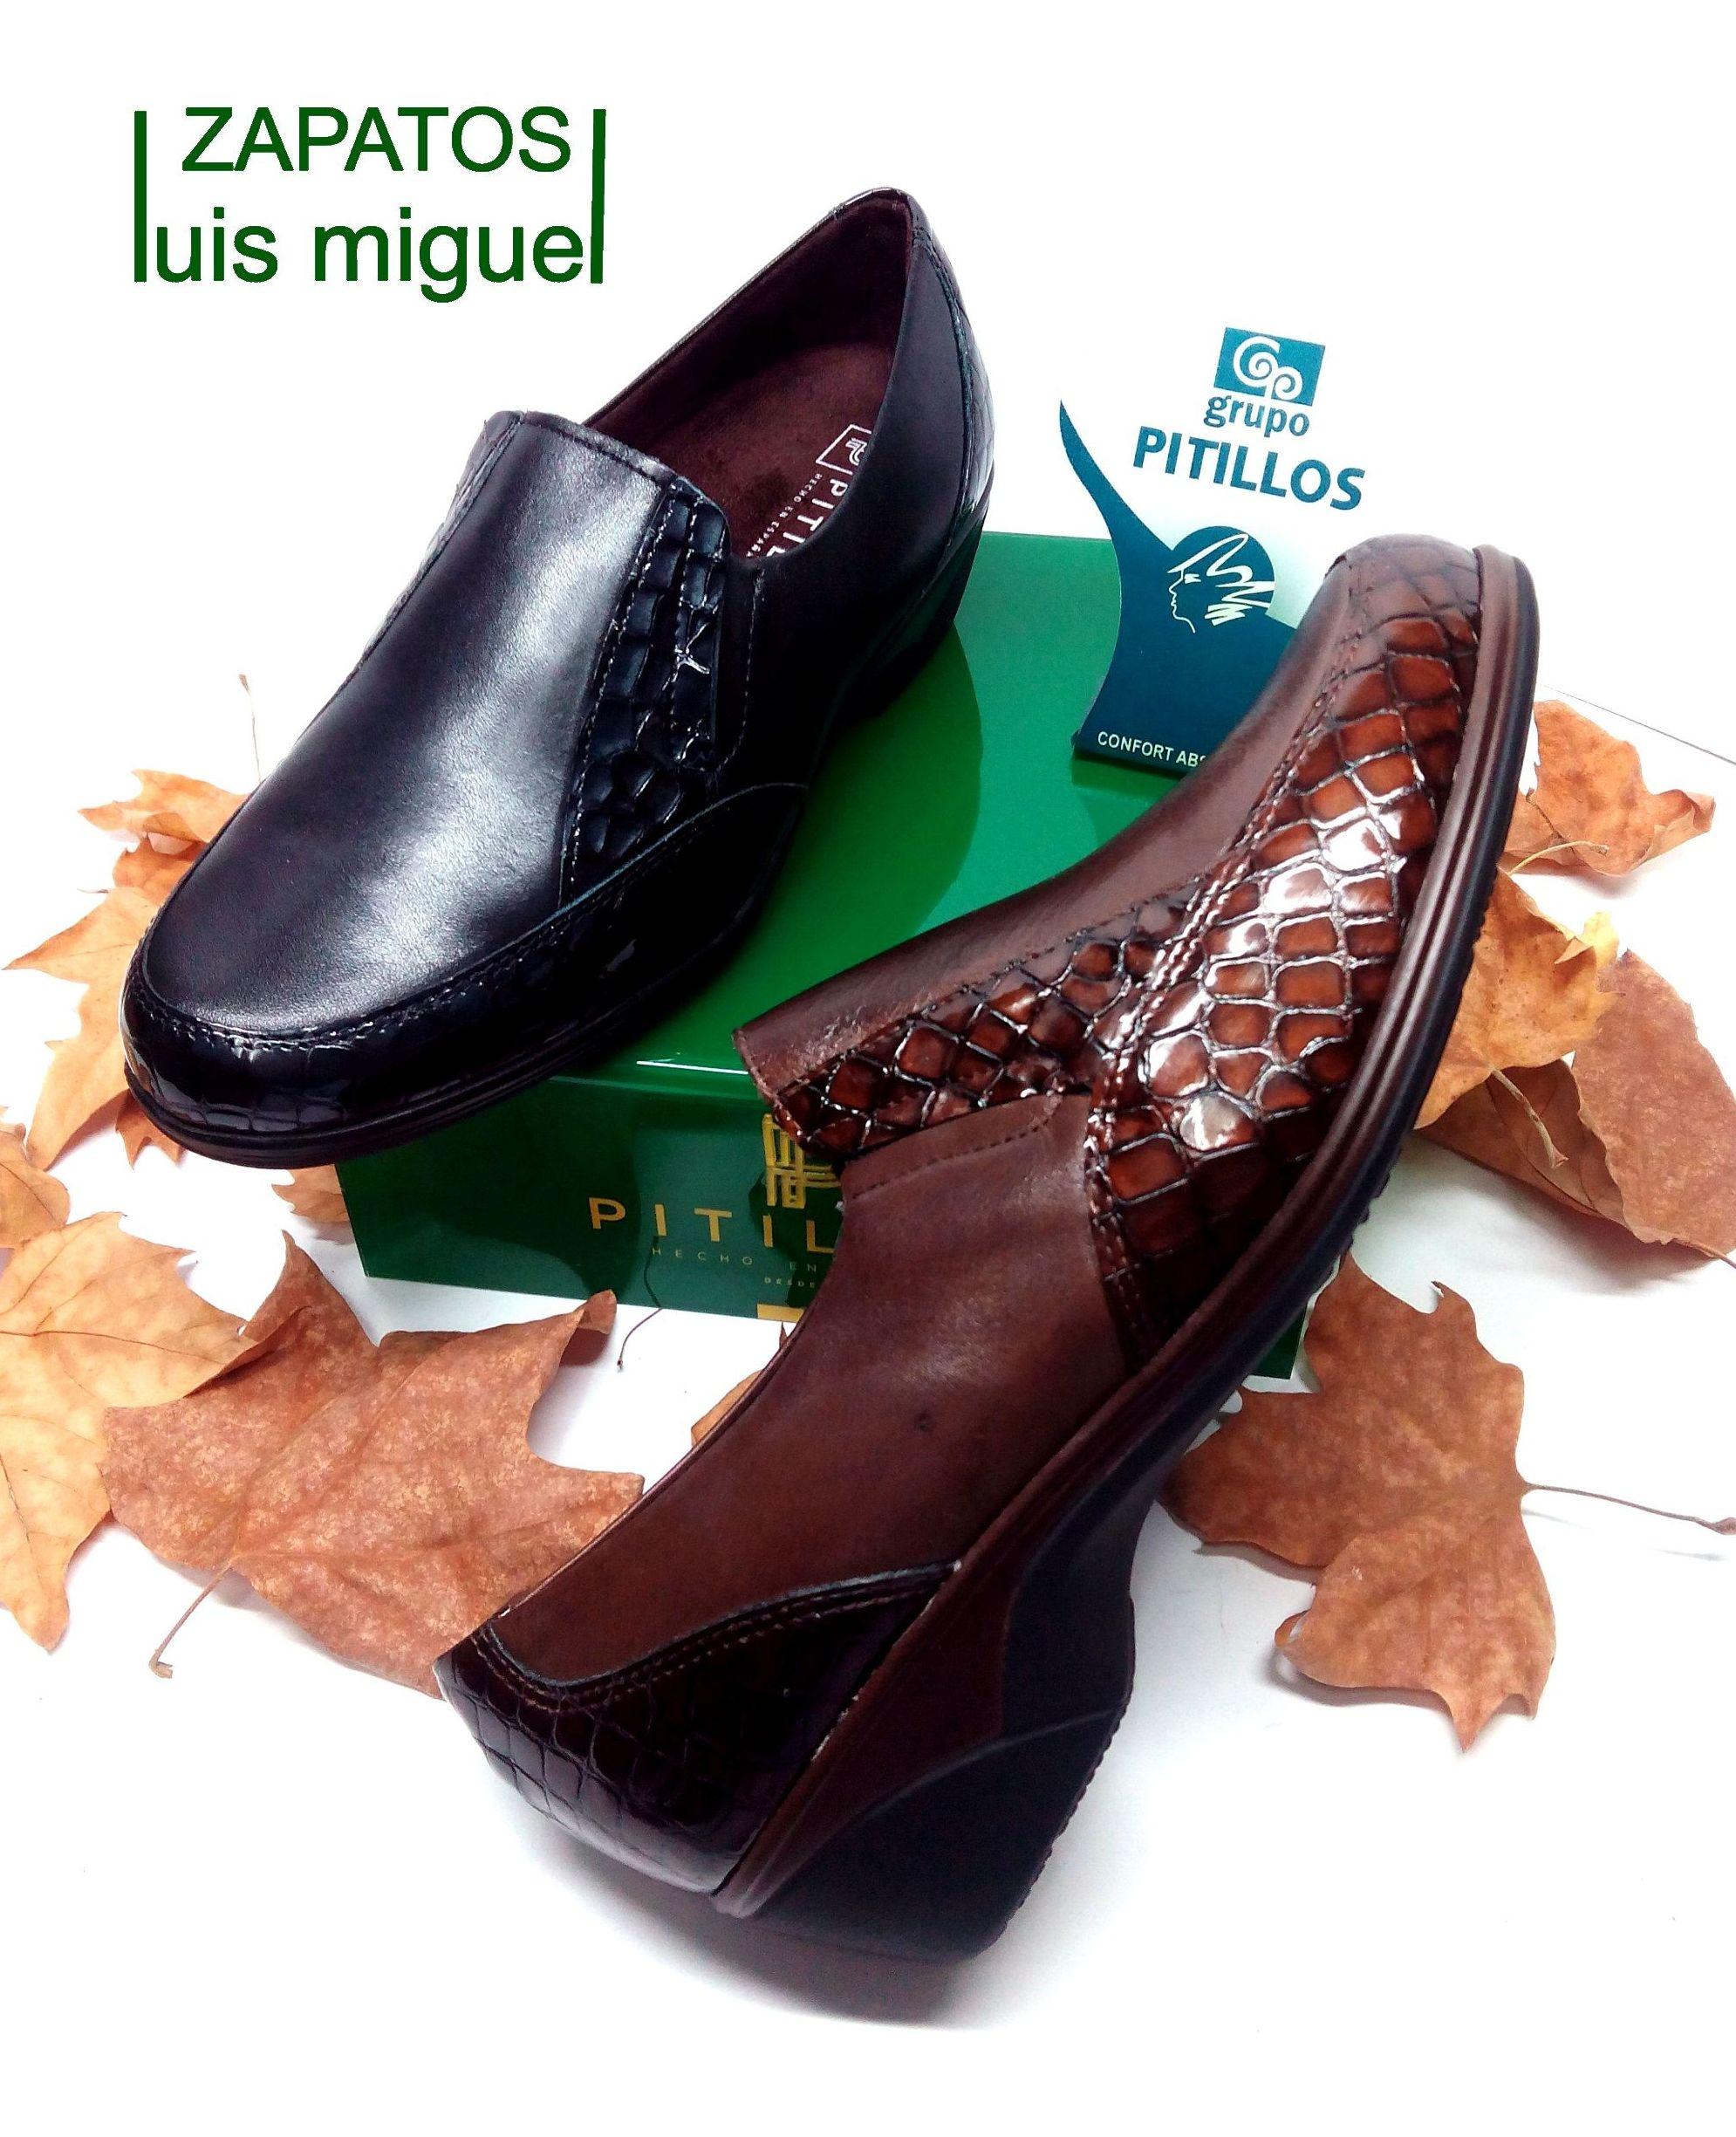 zapato abotinado: Catalogo de productos de Zapatos Luis Miguel